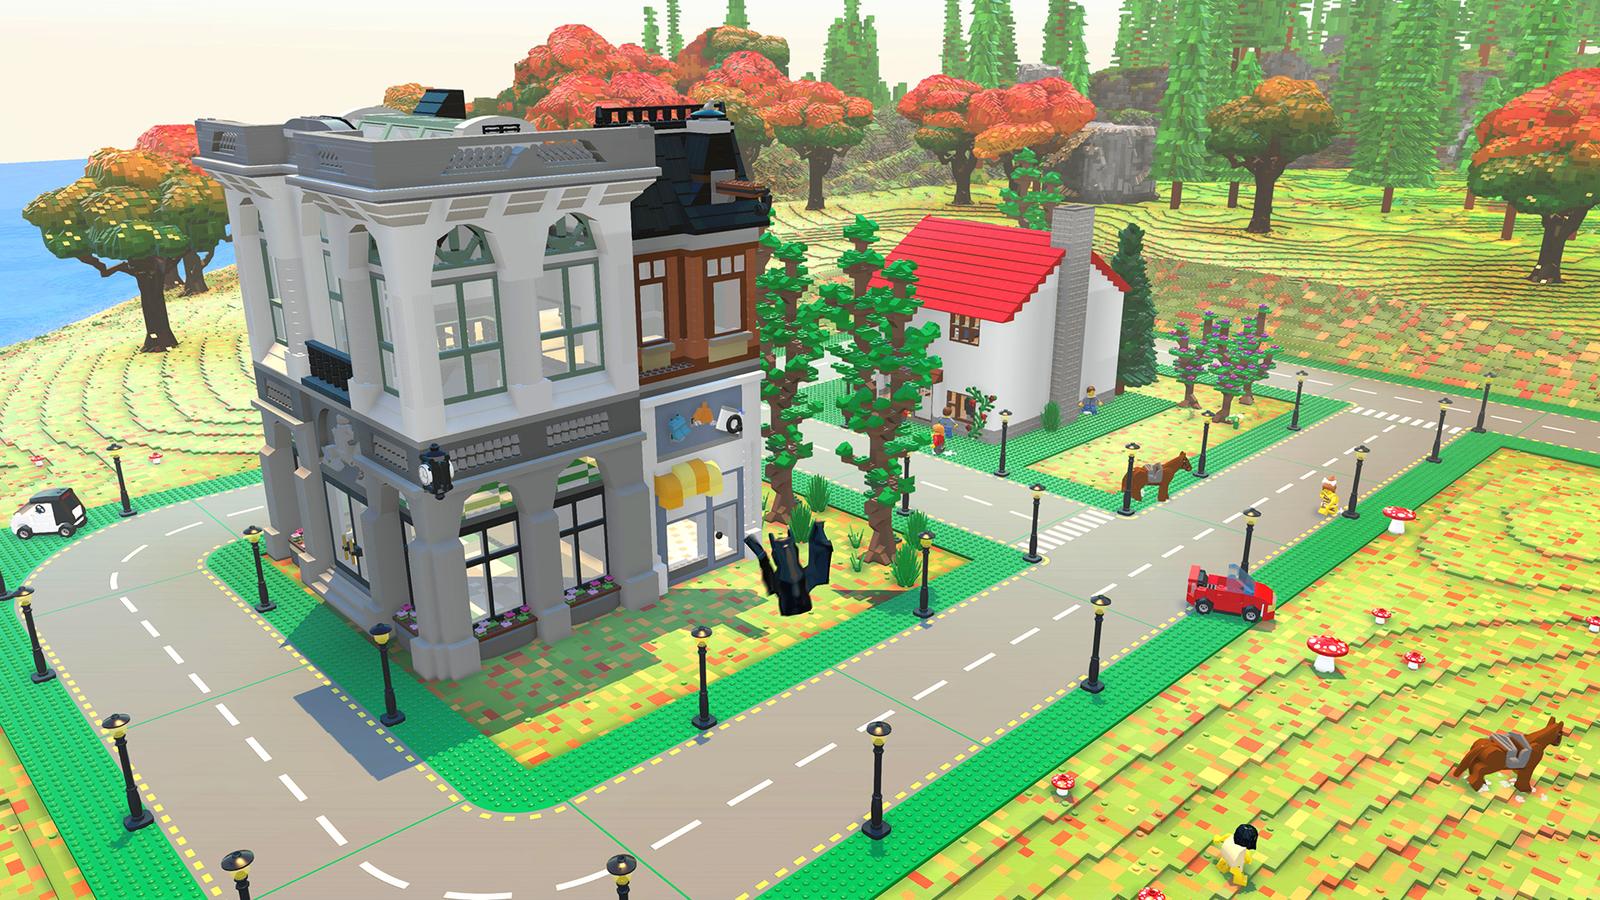 Game image Lego Worlds